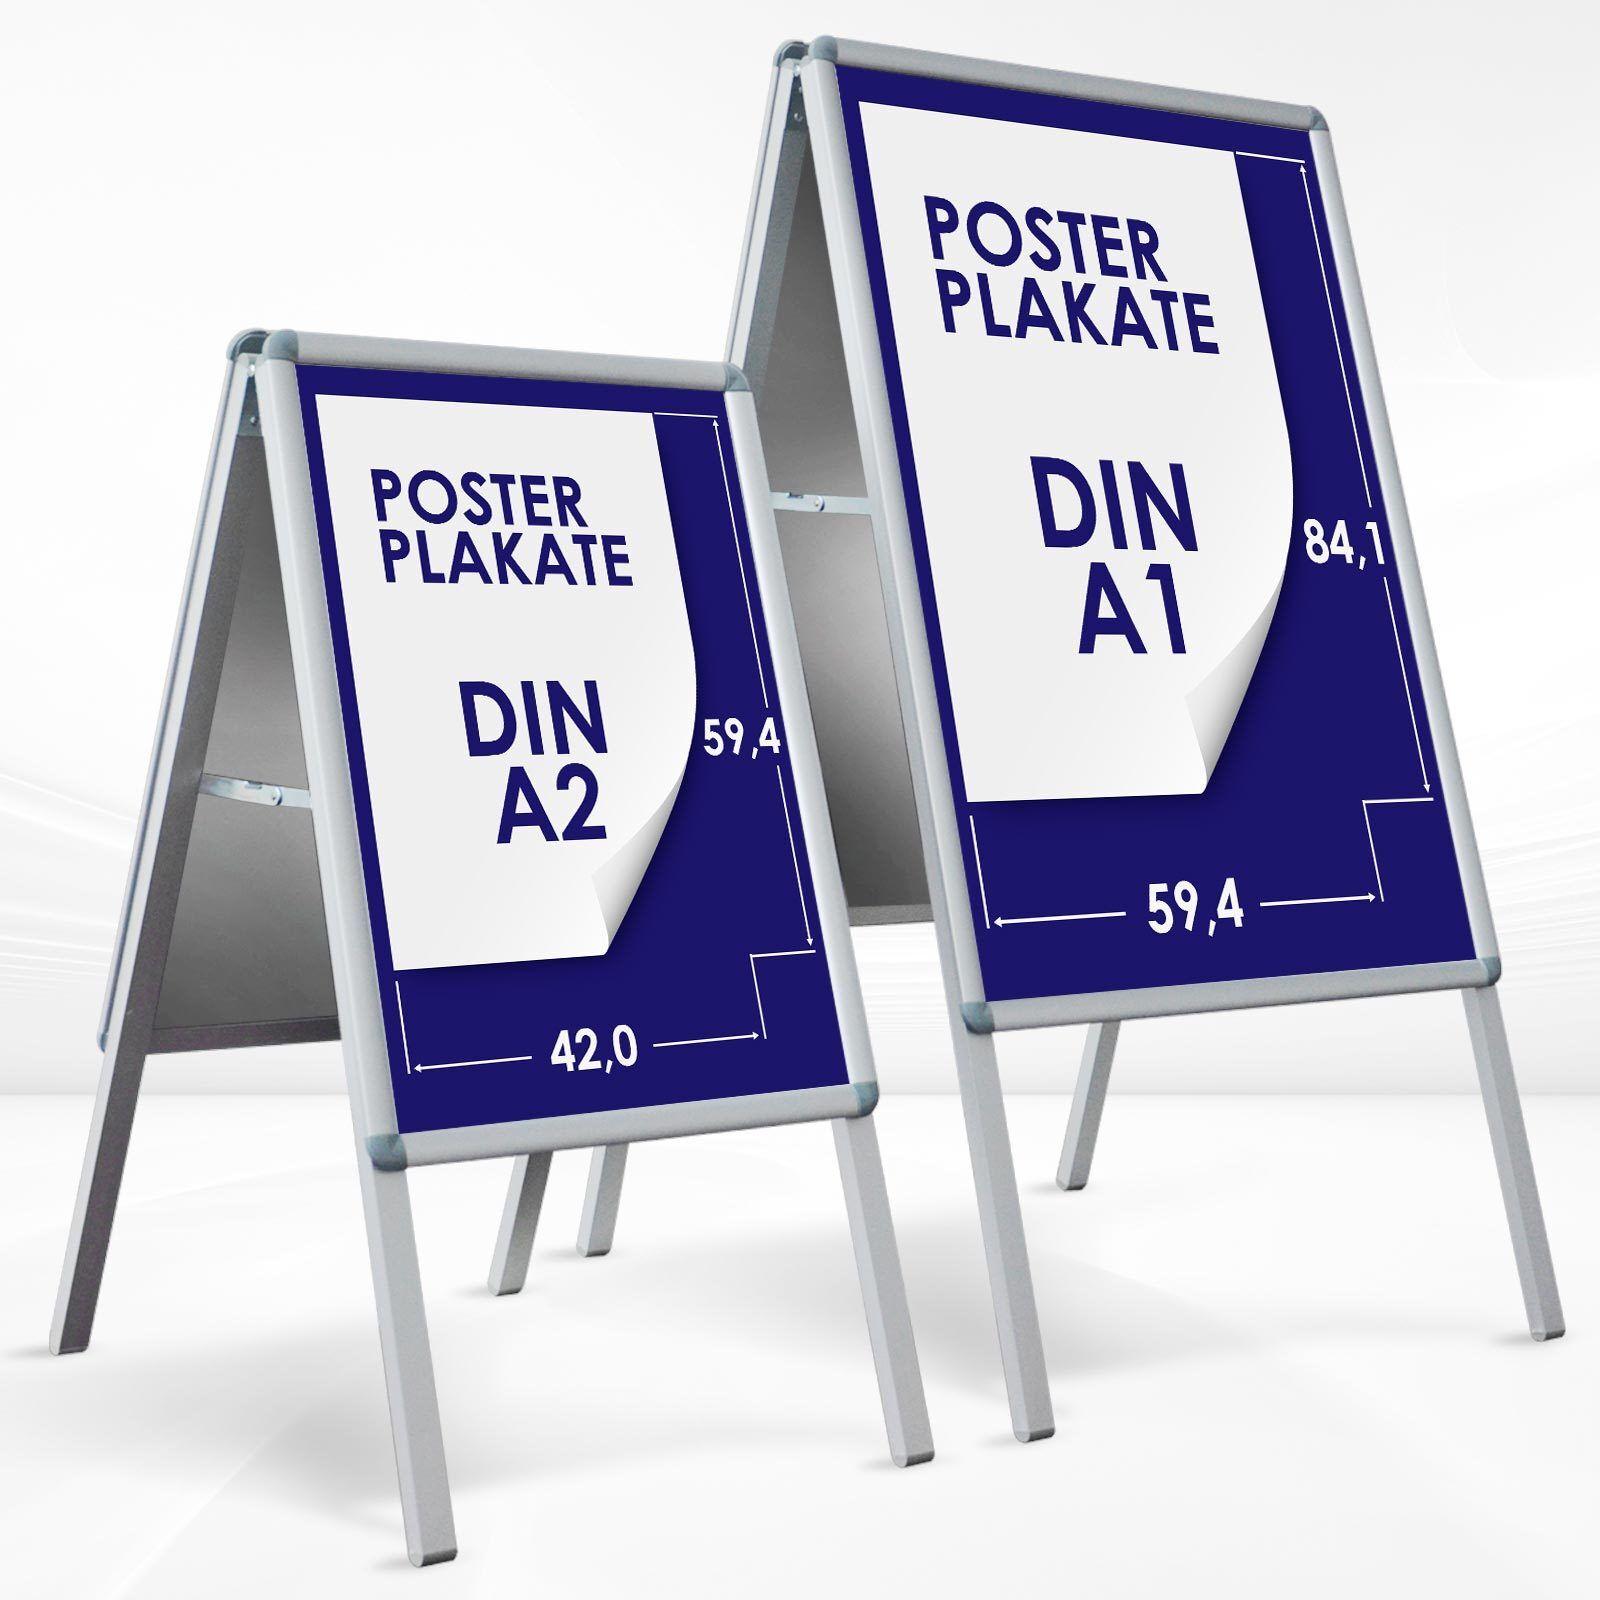 Kundenstopper Plakatständer Werbetafel Werbeträger Gehwegaufsteller 25mm Profil